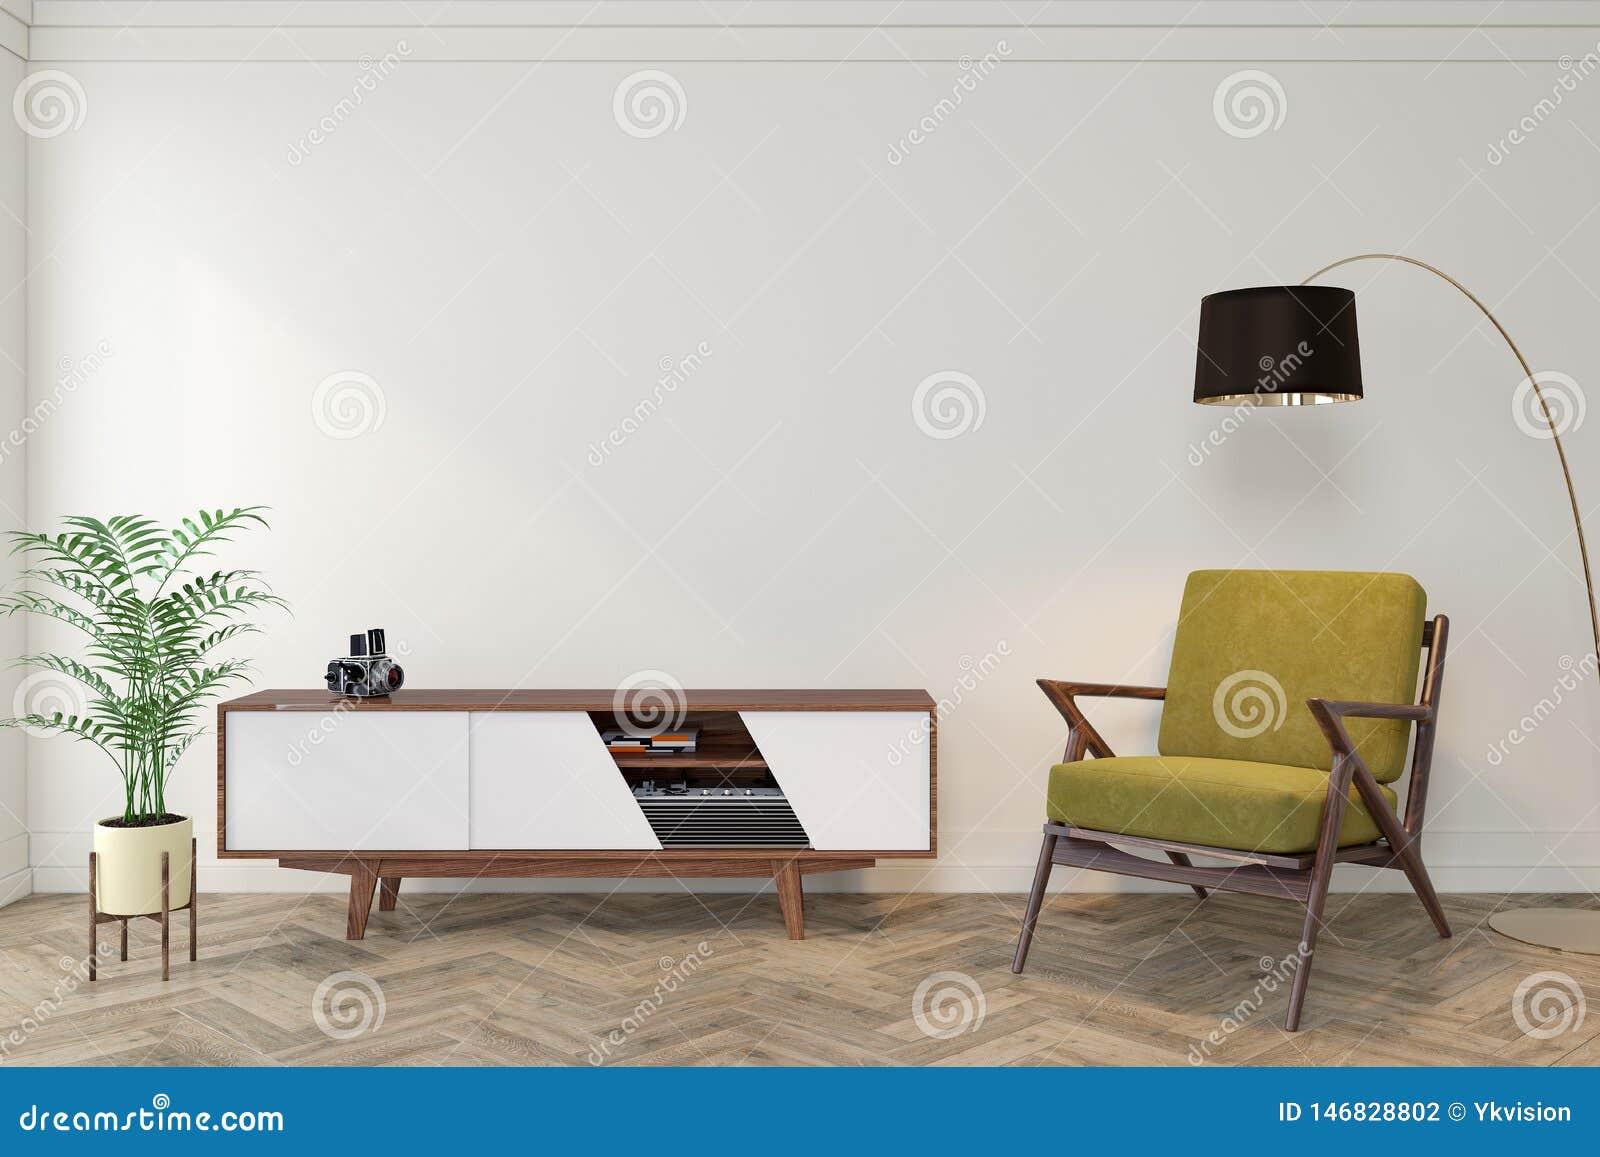 Sitio vacío interior moderno de los mediados de siglo con la pared blanca, aparador, consola, sillón amarillo, butaca